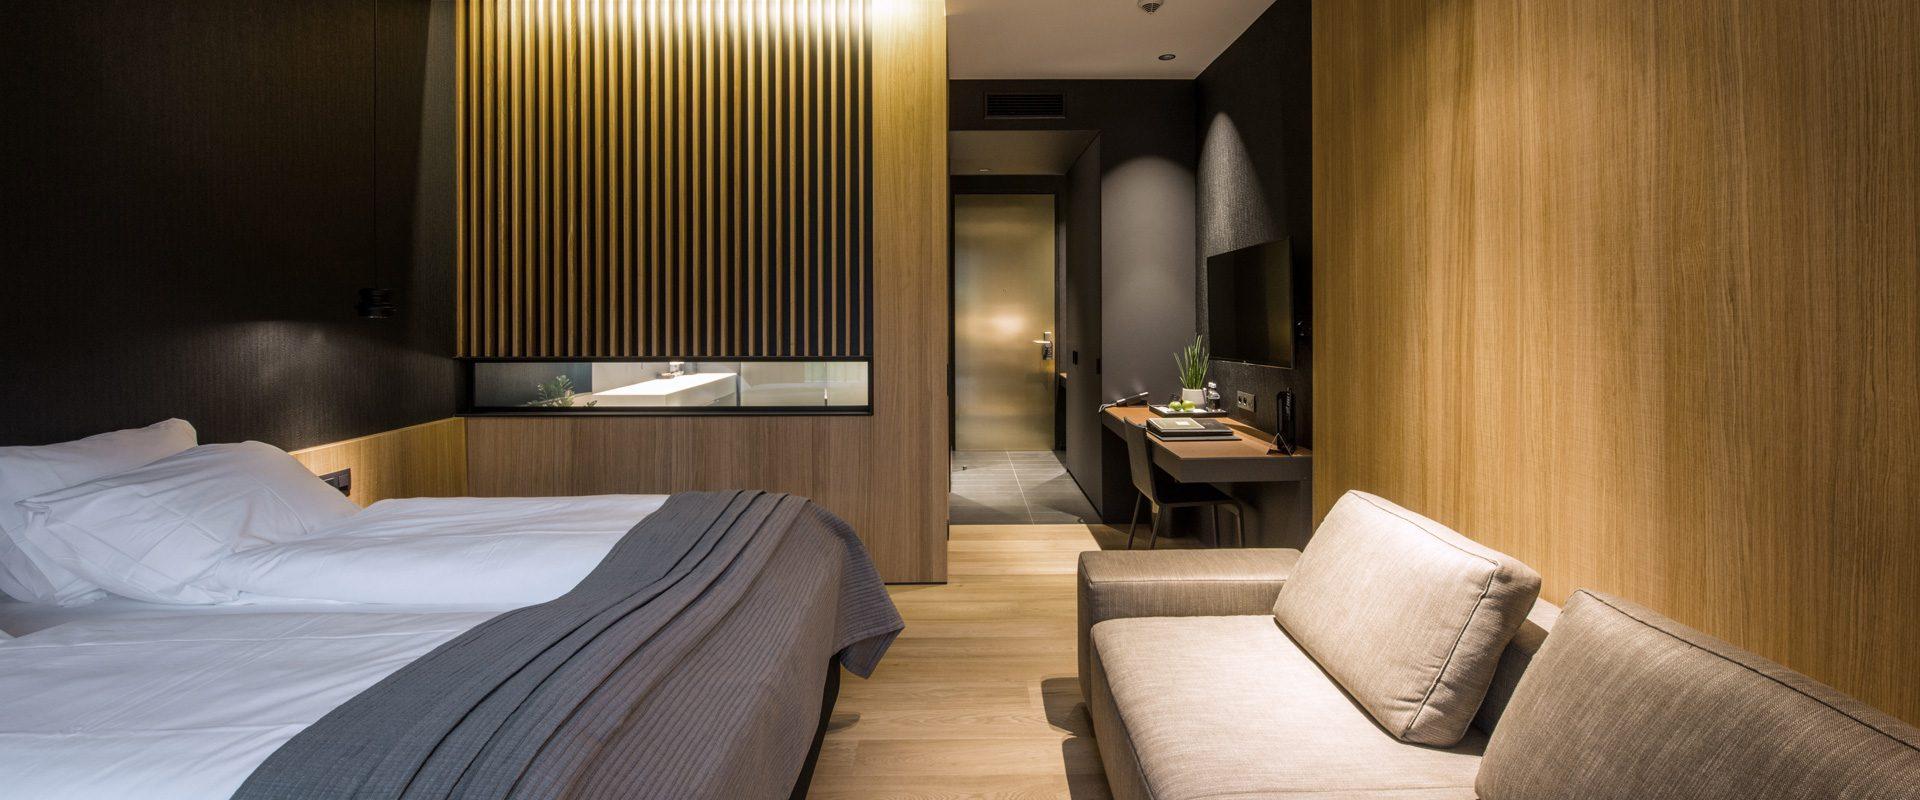 Kamers & suites - Domaine La Butte aux Bois